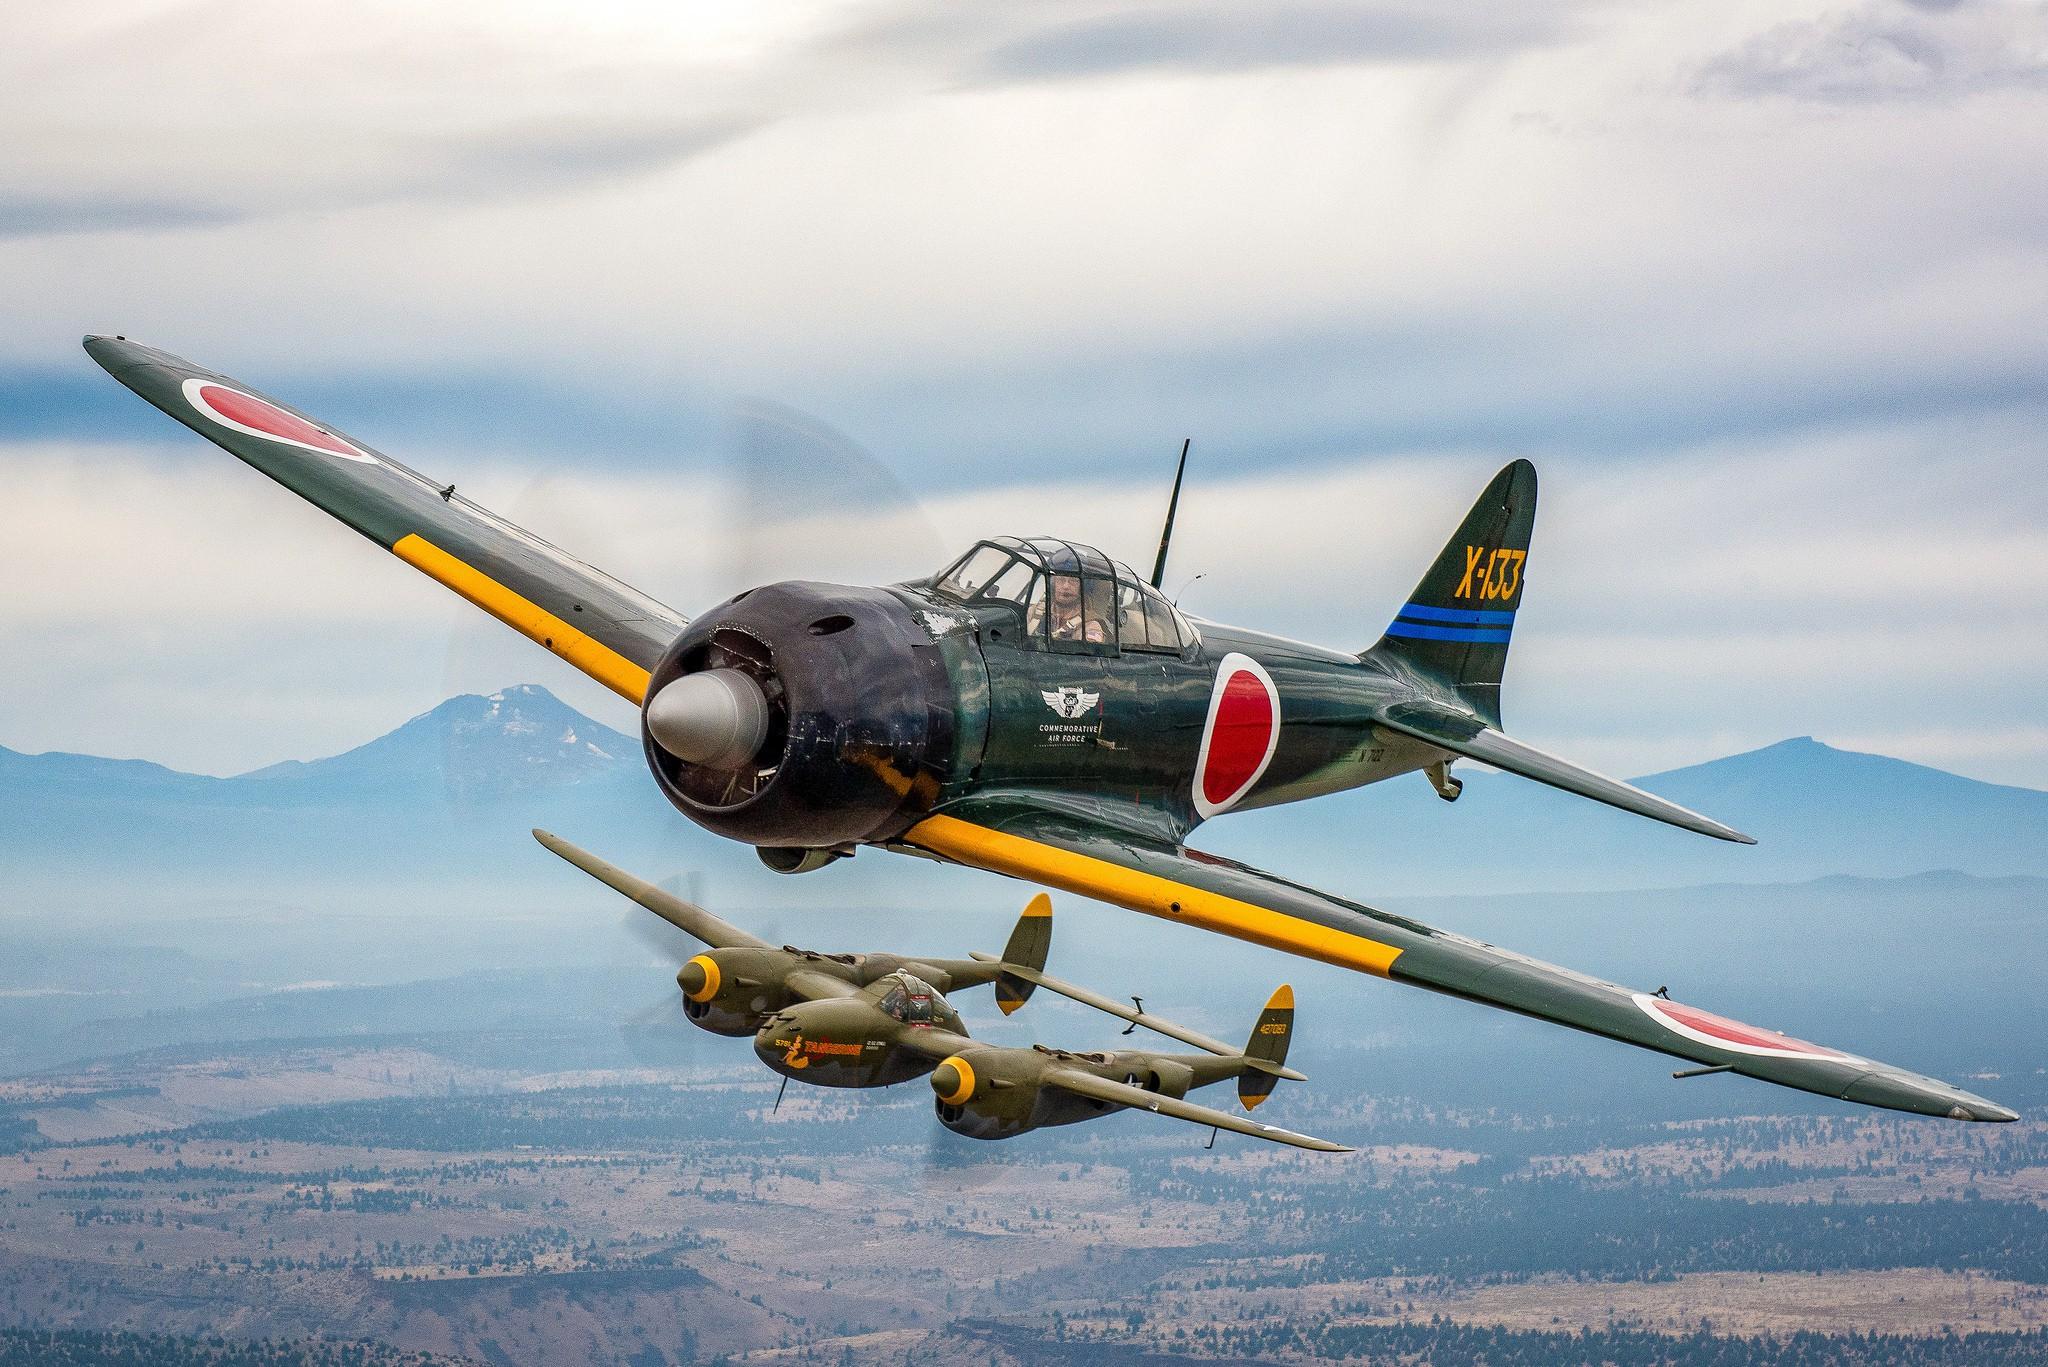 Aereo Da Caccia Oggi : Aereo da caccia militare all alta velocità volante su nel cielo